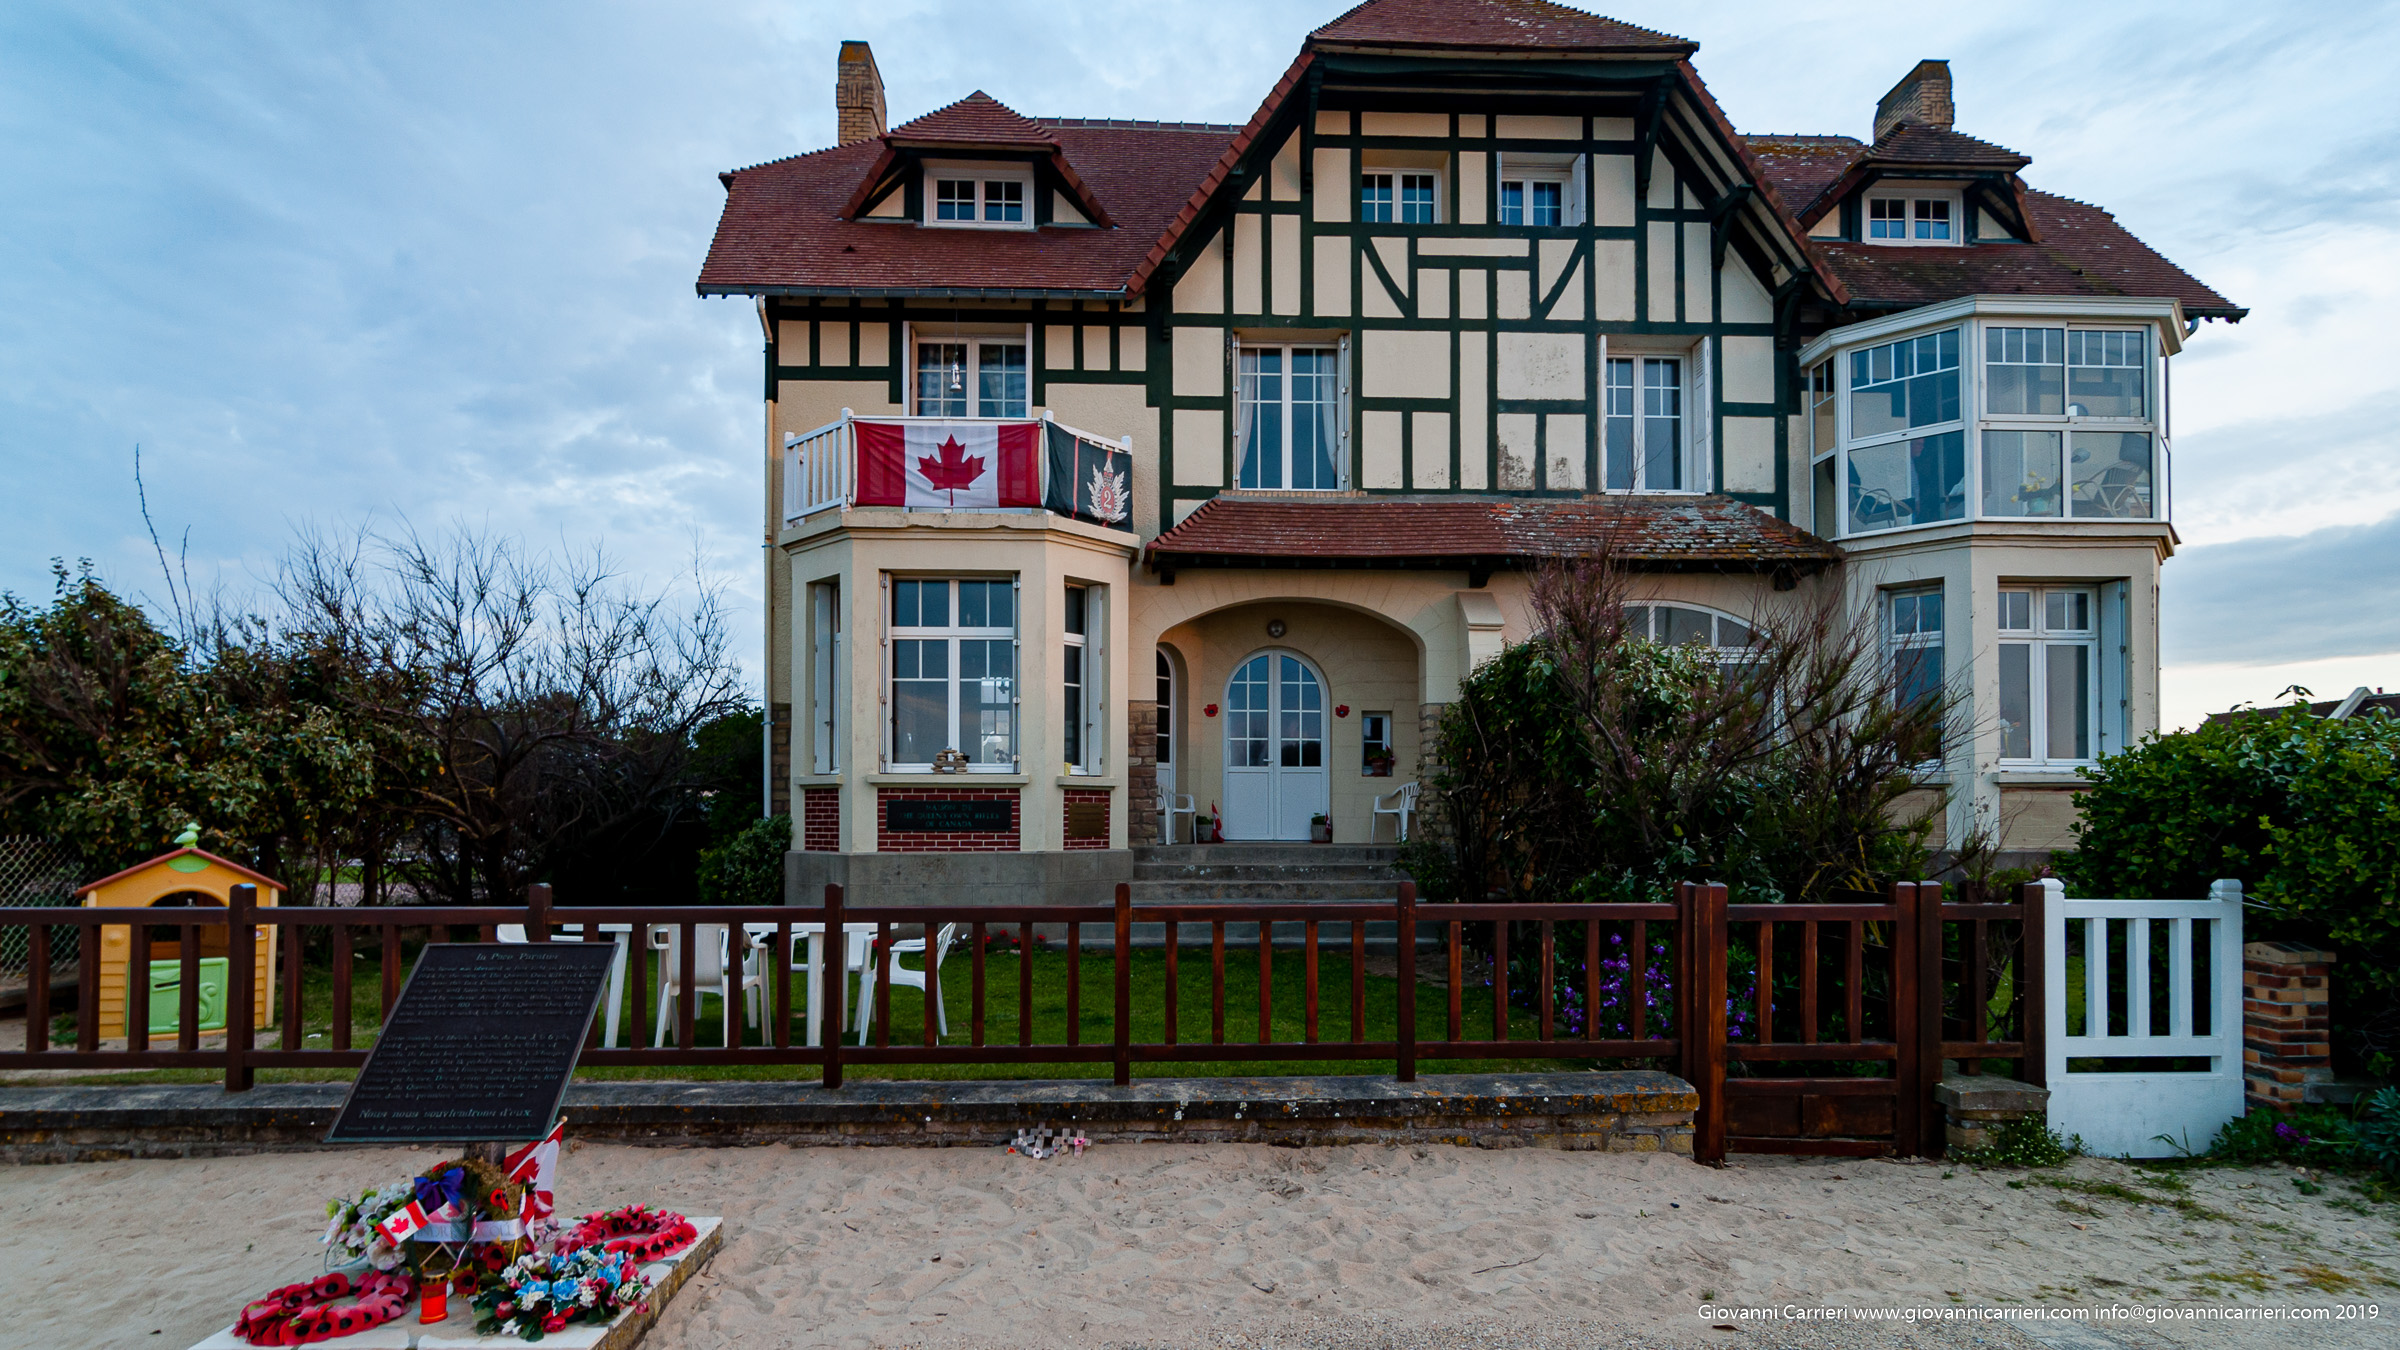 La prima casa liberata a Juno Beach durante lo sbarco in normandia.  Operazione Overlord 6 giugno 1944